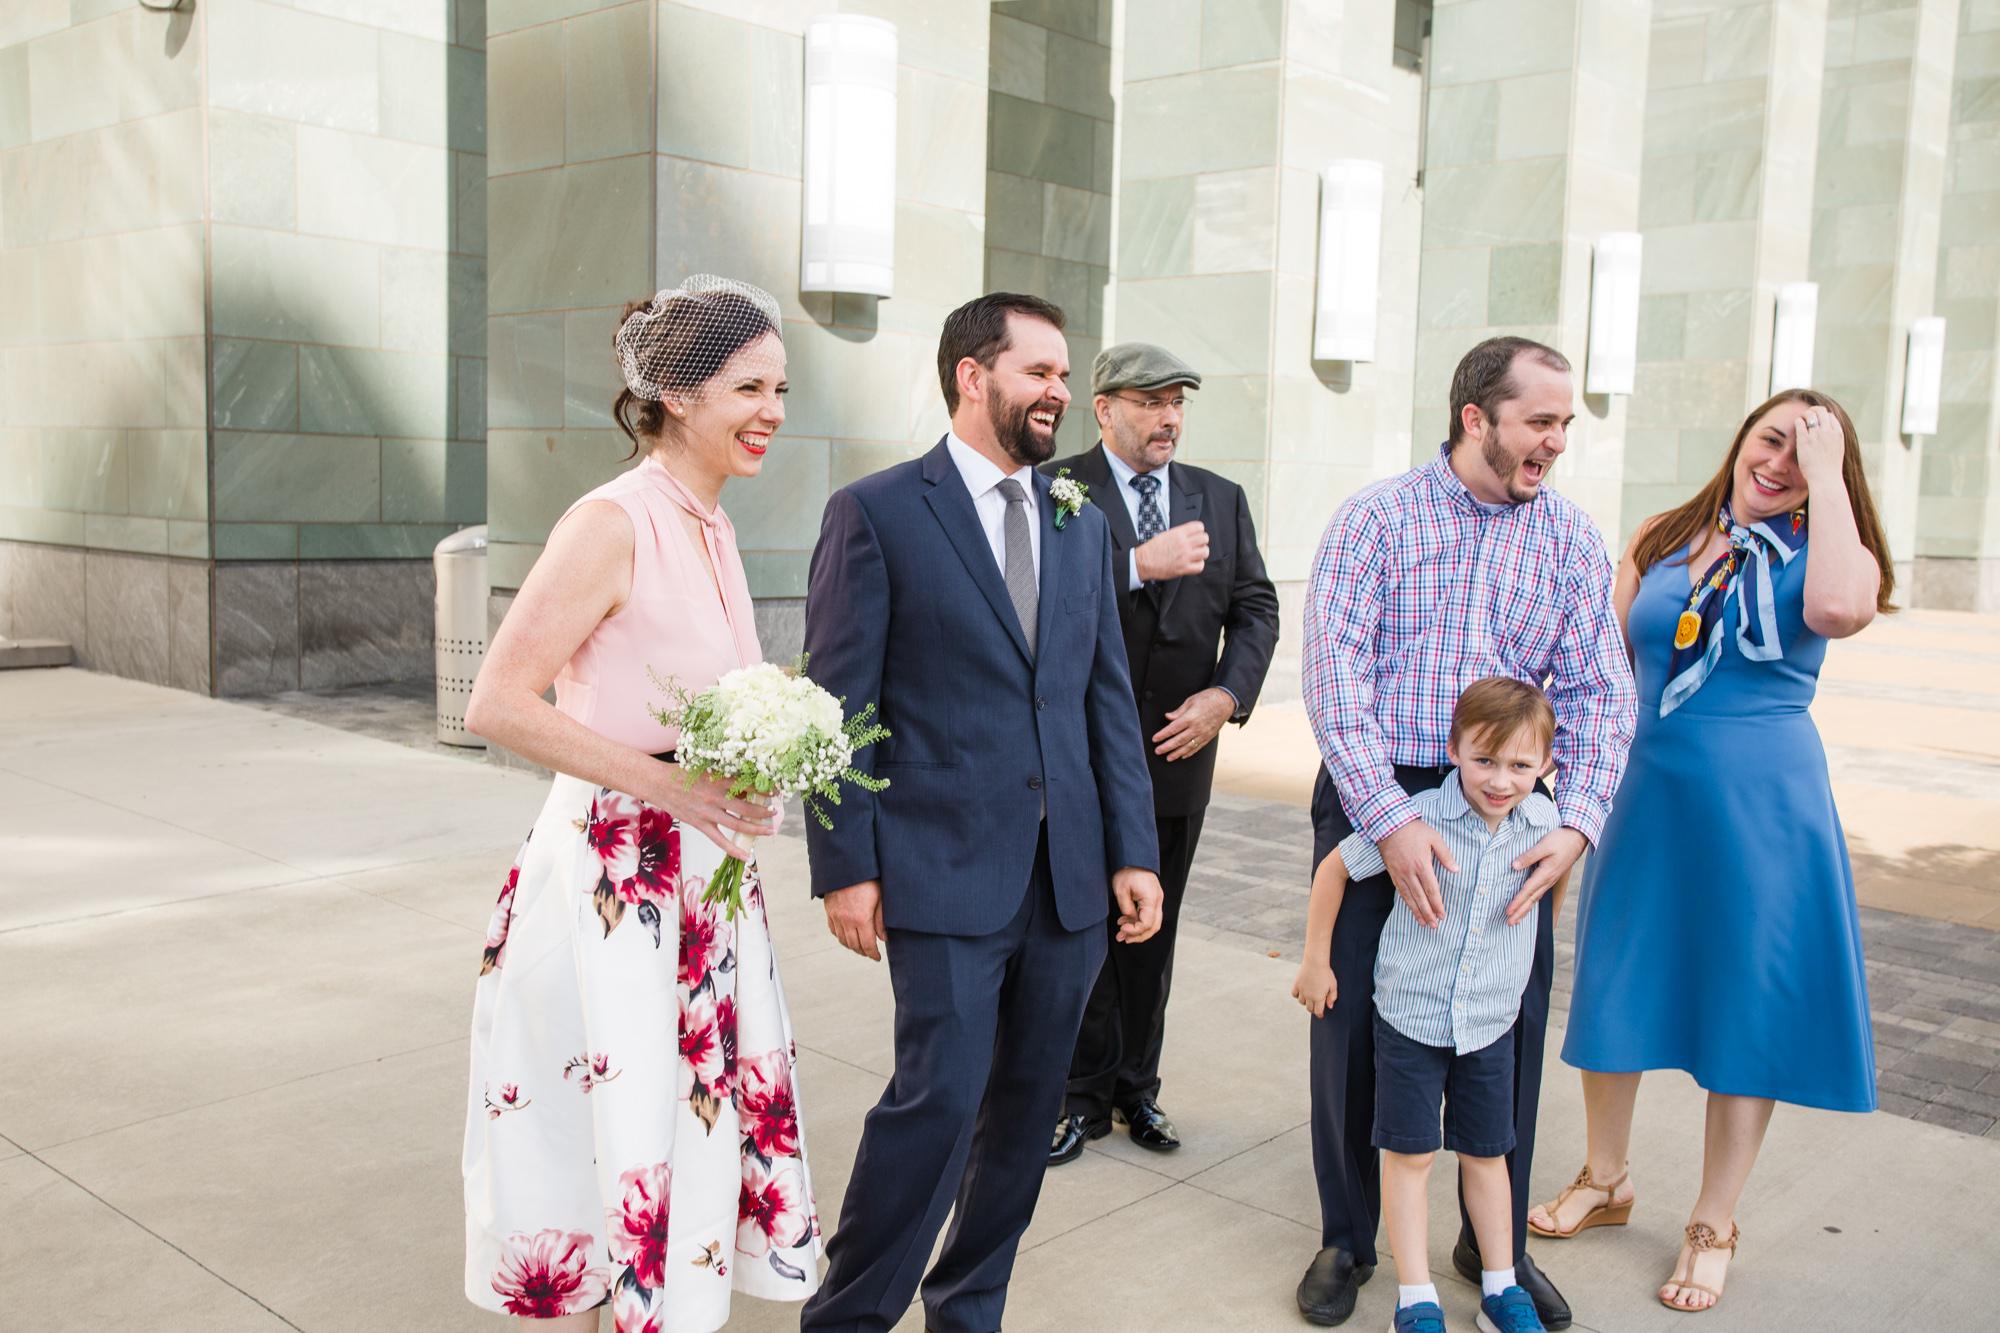 2018_10_17_mowita_drew_durham_courthouse_wedding-2708.jpg